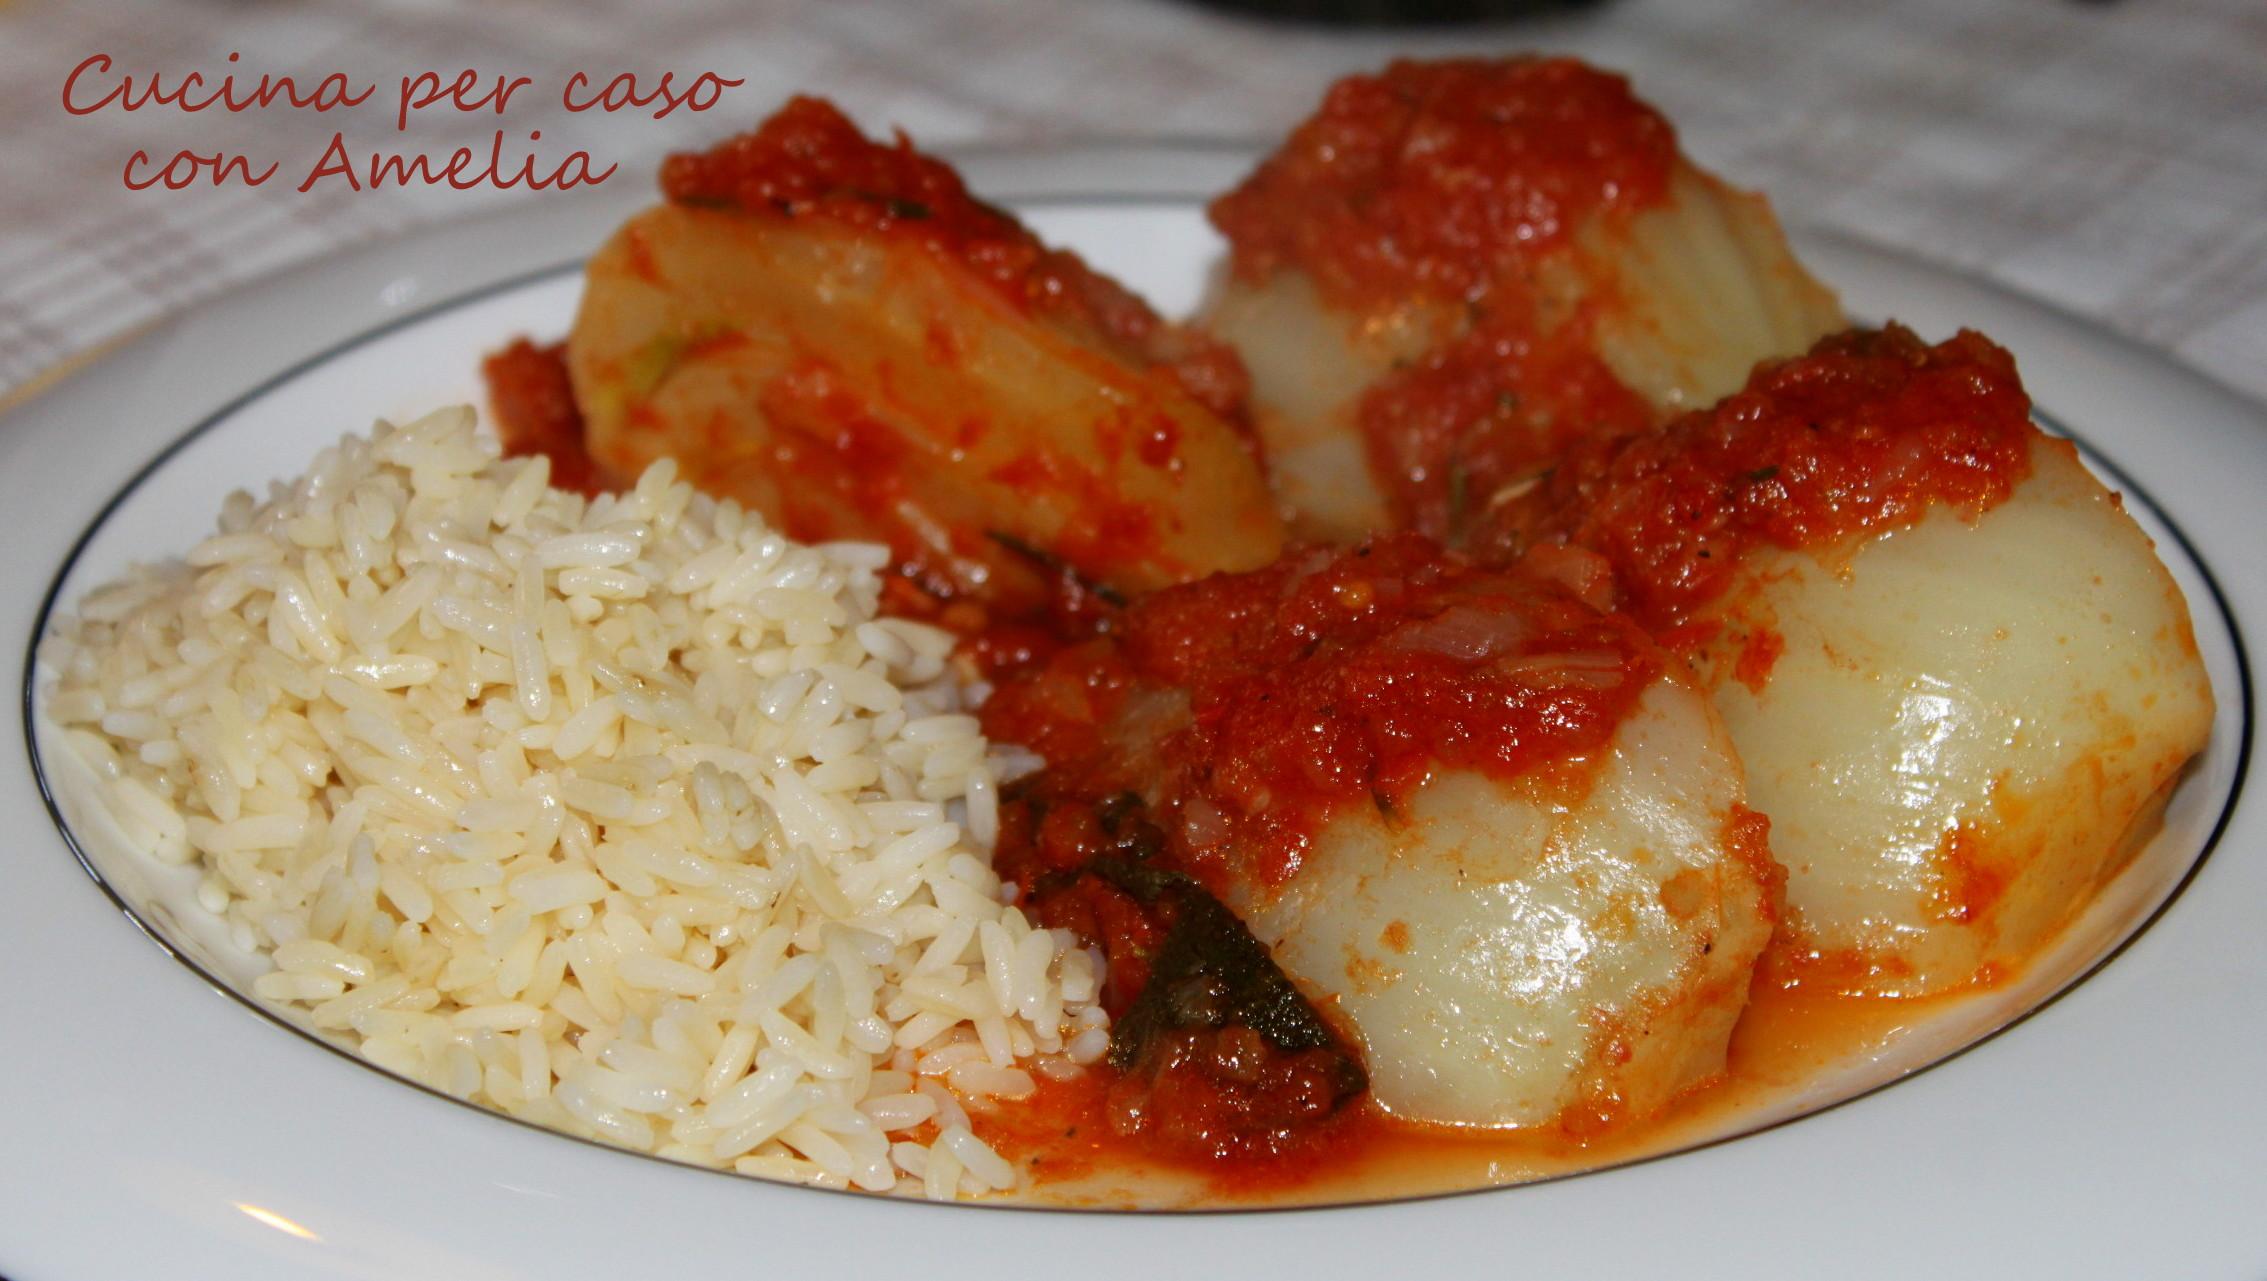 Finocchio al pomodoro ricetta light cucina per caso con for Cucina light